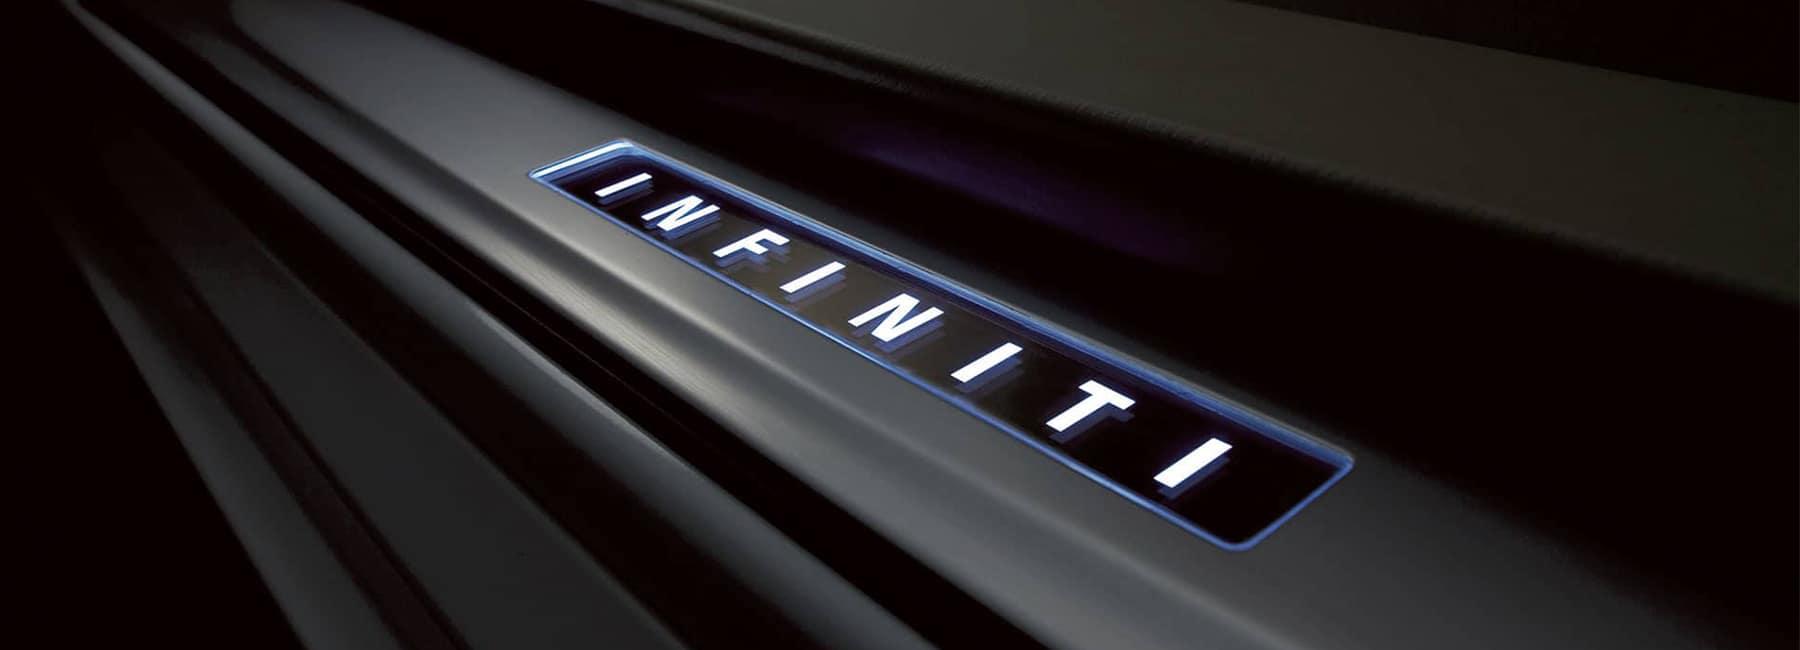 INFINITI-Interior